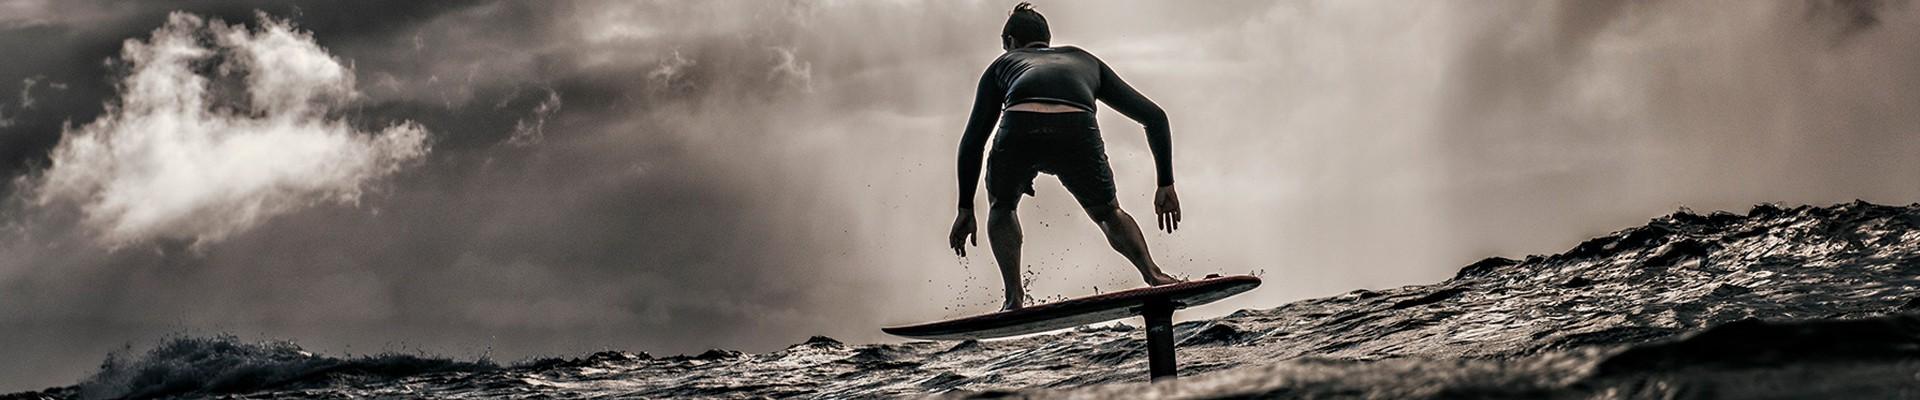 Surffoil | Livraison gratuite dès 100€ d'achats